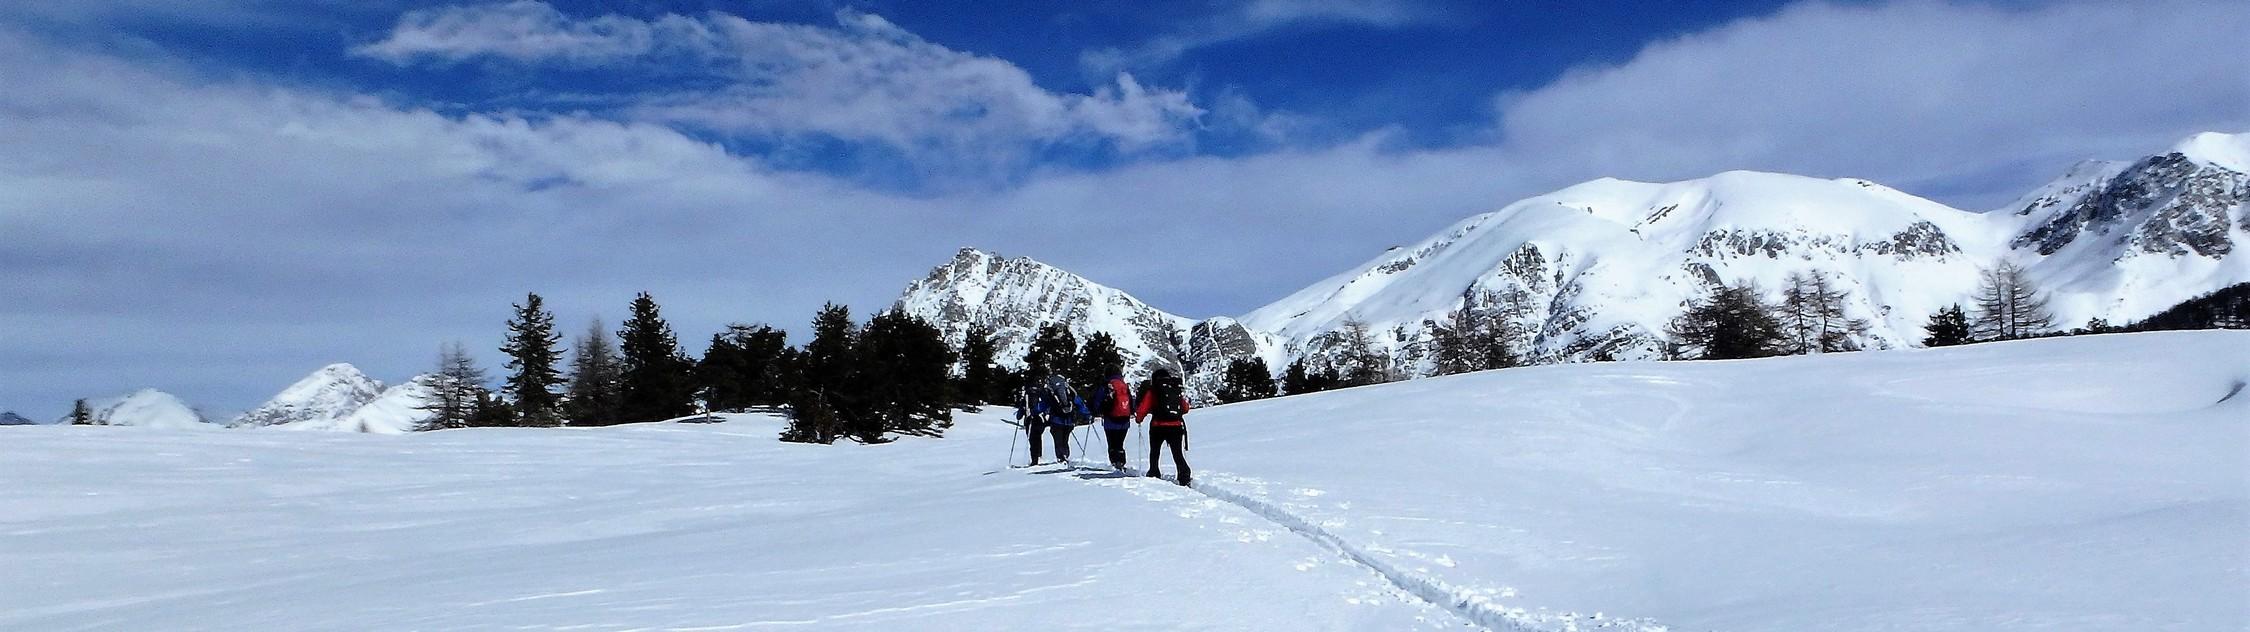 Découverte Du Pays d'Izoard à raquettes et ski nordique -6037aa827b8ea: /